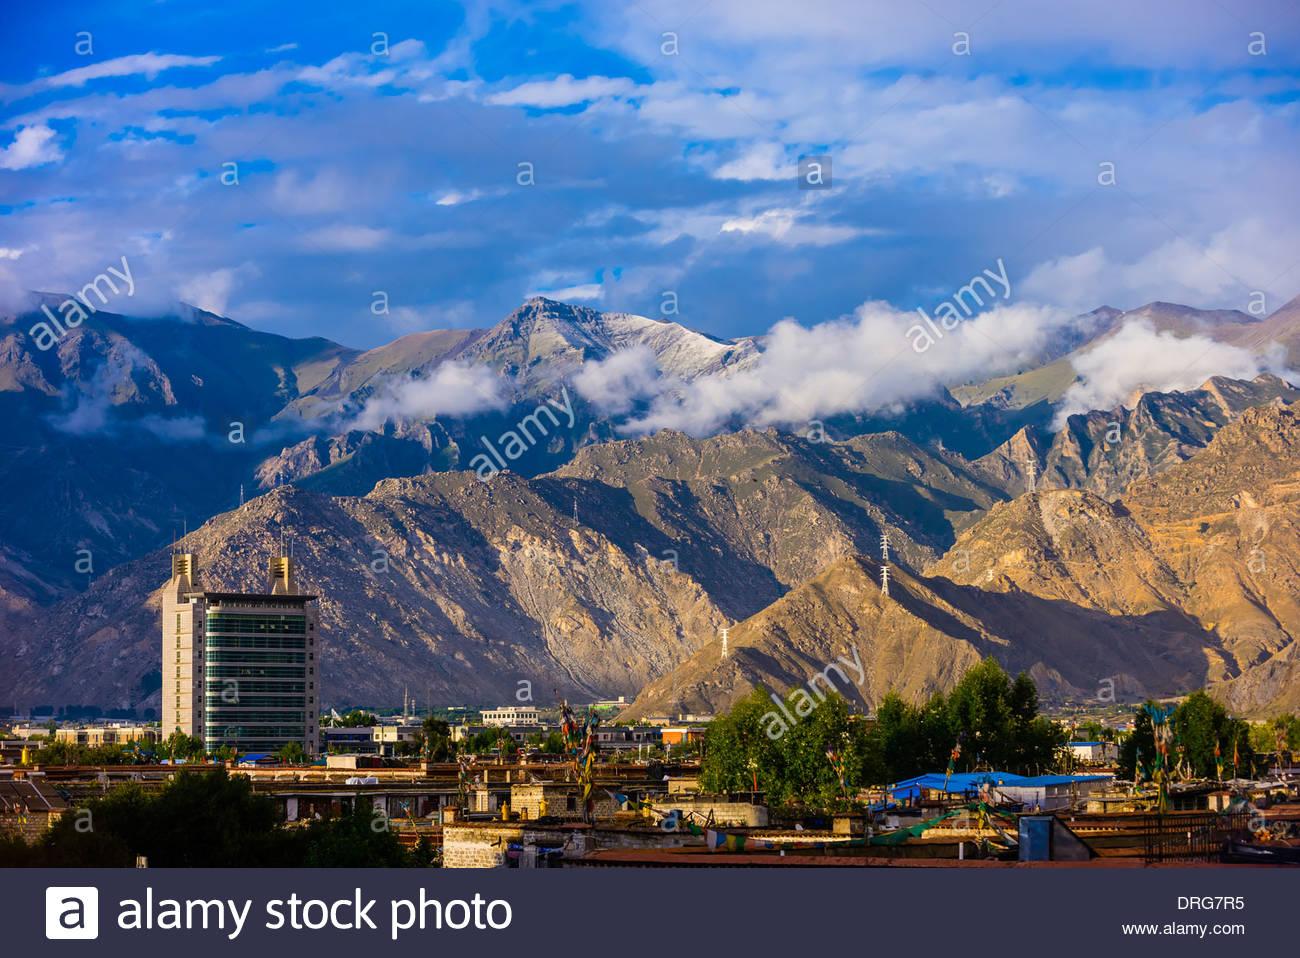 Lhasa, Tibet (Xizang), China. - Stock Image